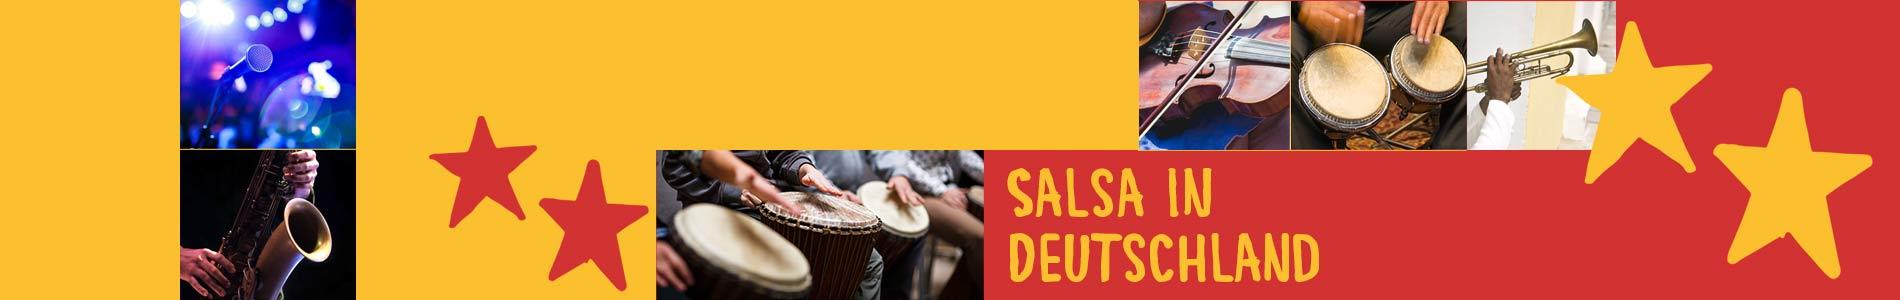 Salsa in Dassow – Salsa lernen und tanzen, Tanzkurse, Partys, Veranstaltungen